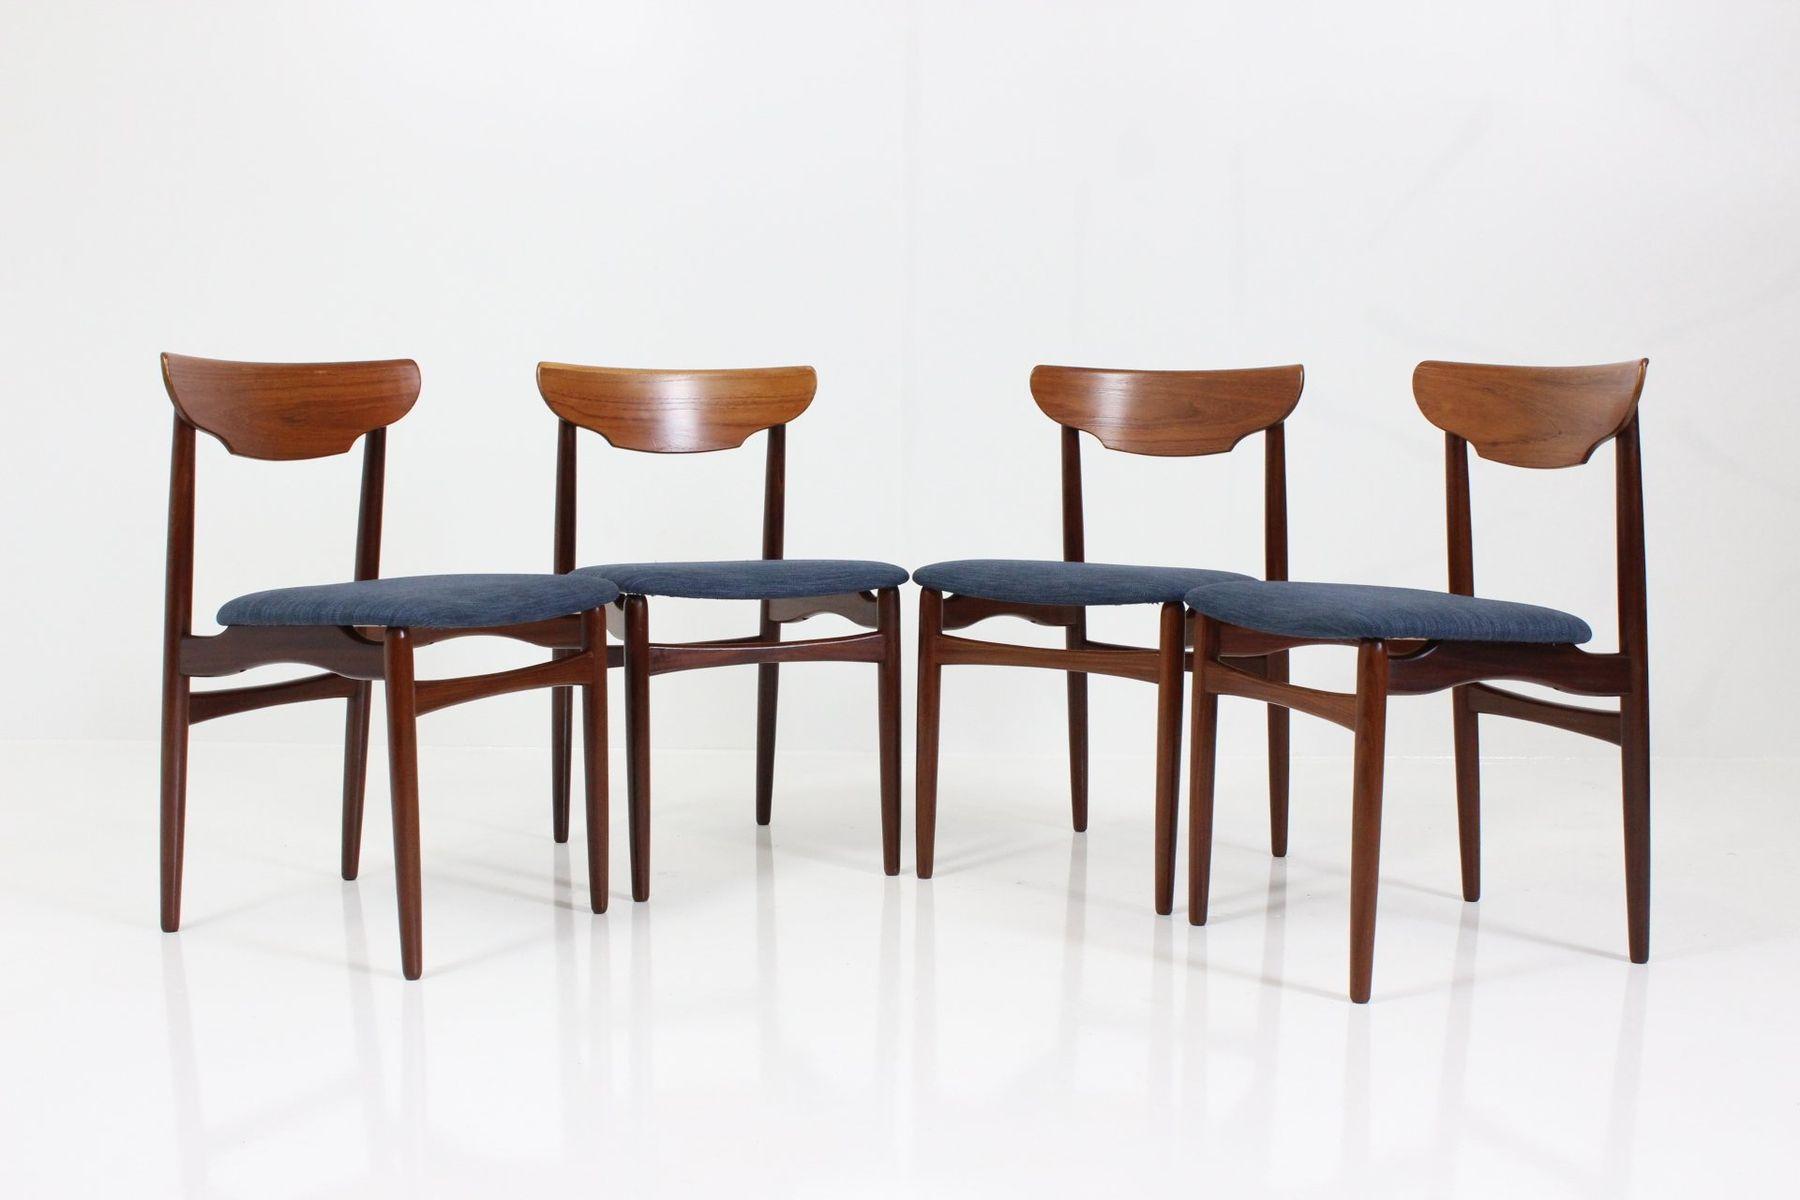 esszimmerst hle aus teakholz 4er set bei pamono kaufen. Black Bedroom Furniture Sets. Home Design Ideas